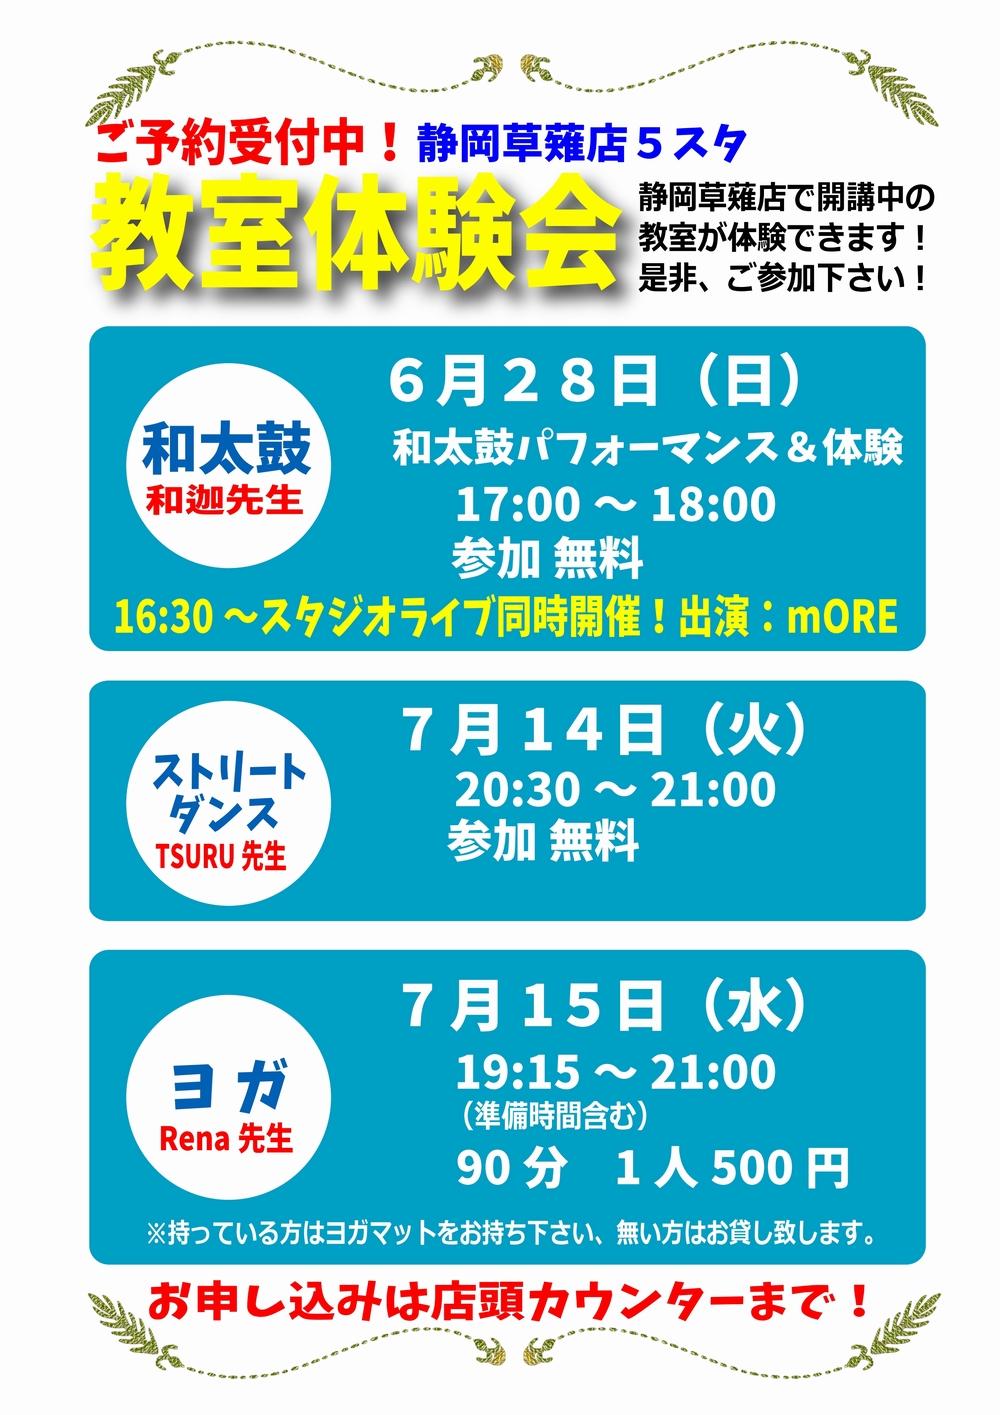 【教室体験会】音楽天国・静岡草薙店6月28日(日)より開催!